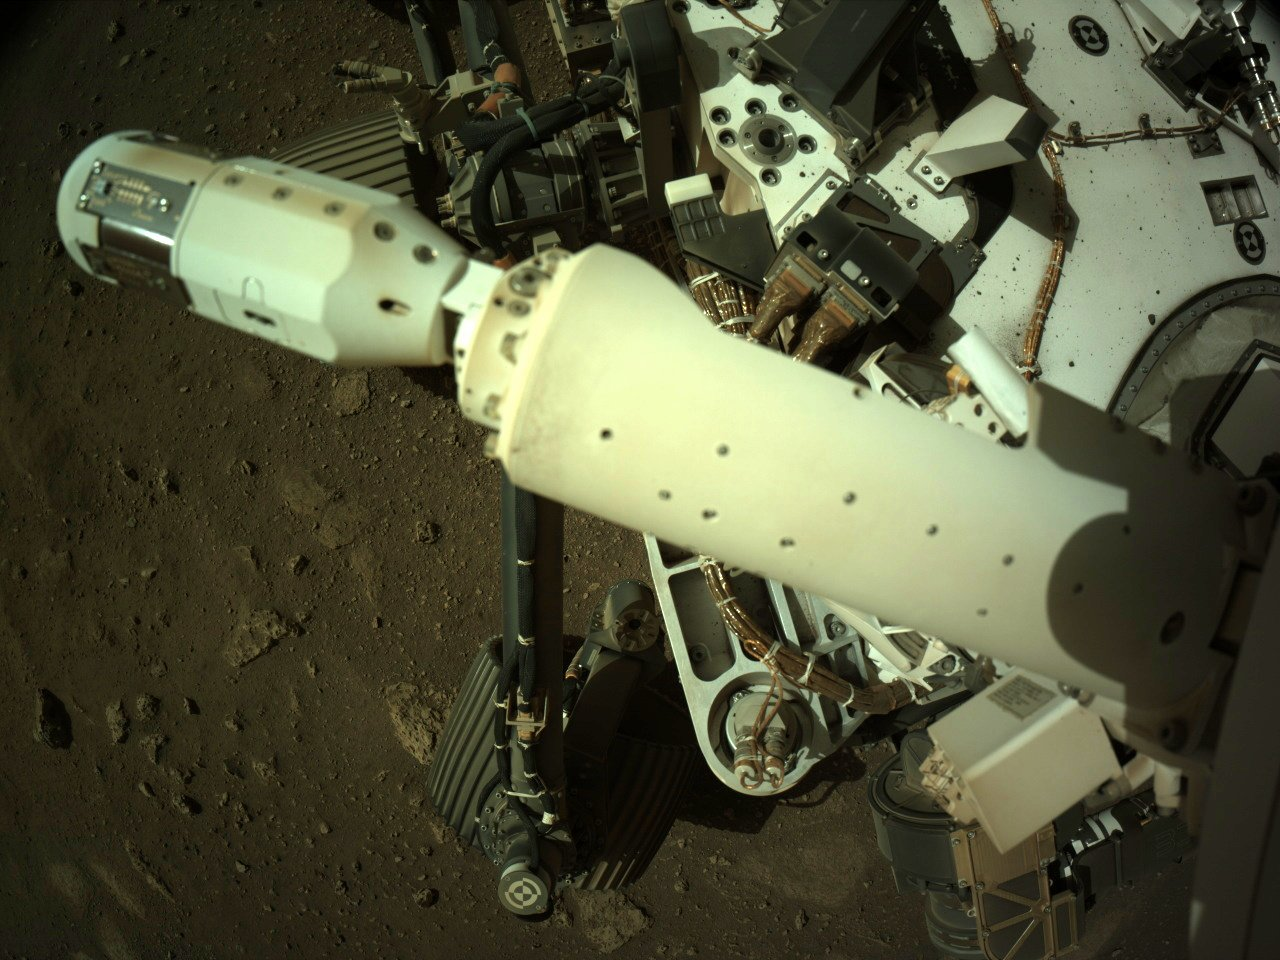 Le capteur de vent du rover Perseverance a été déployé, comme le montre cette photo prise par l'une des caméras de navigation du robot.